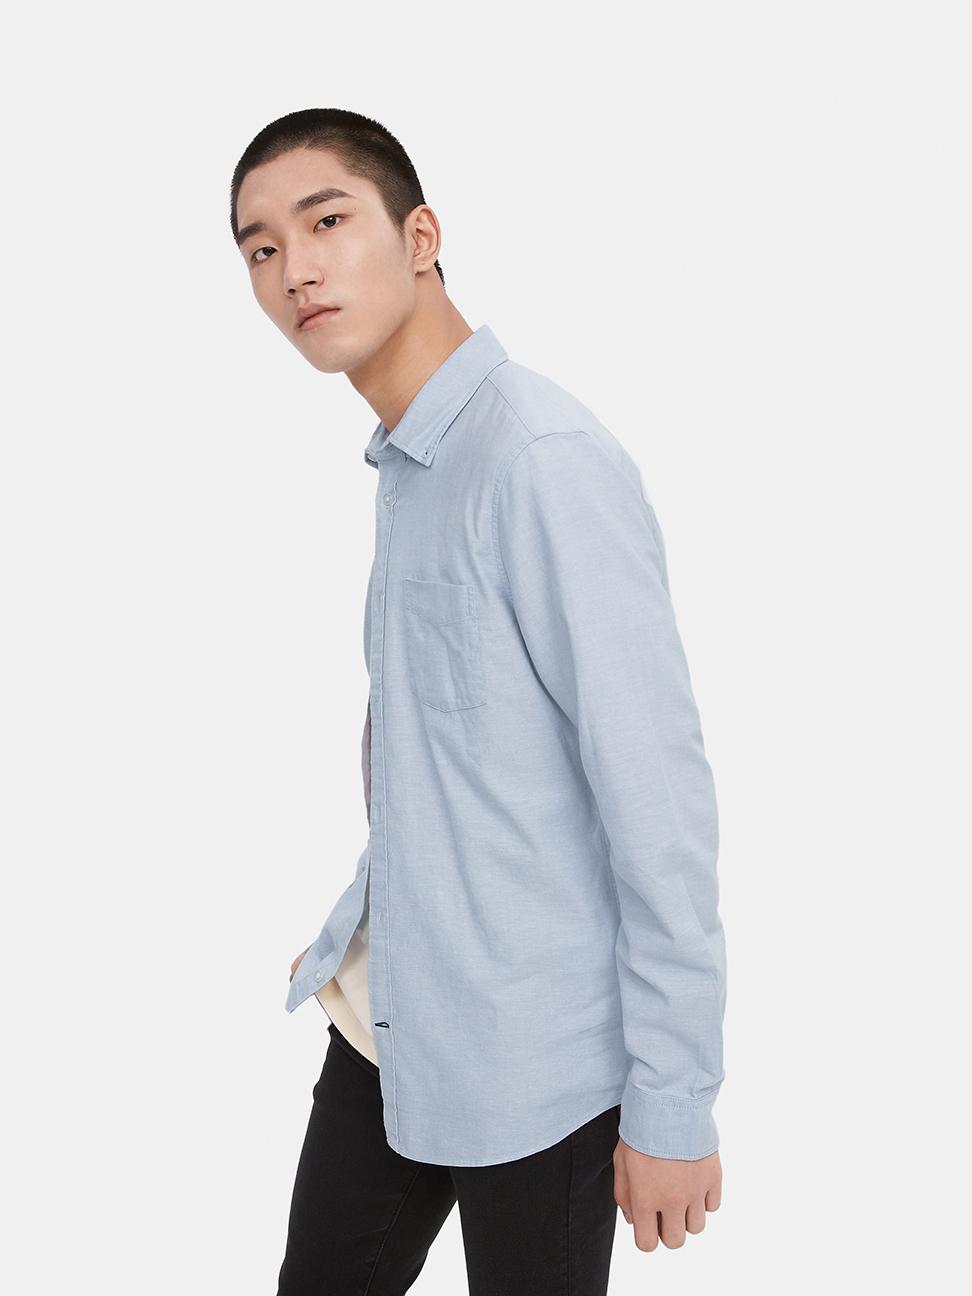 男裝 簡約風格修身款長袖襯衫